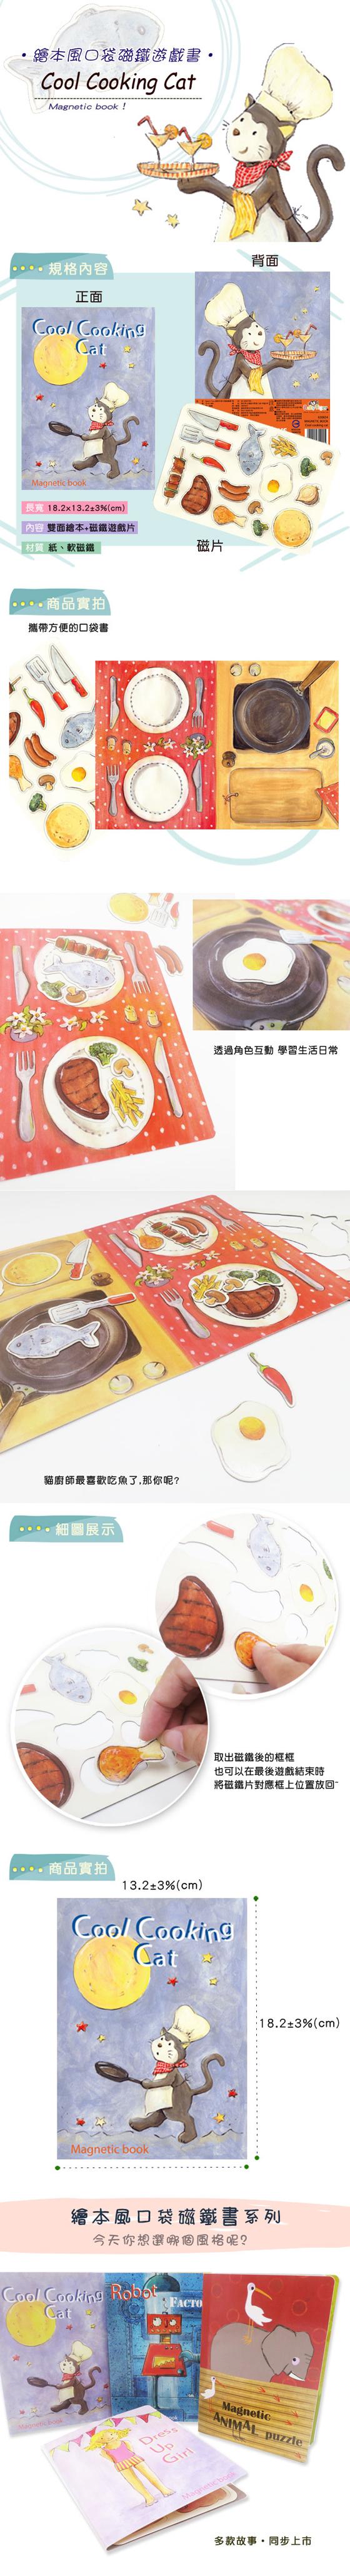 內文-76-廚師.jpg